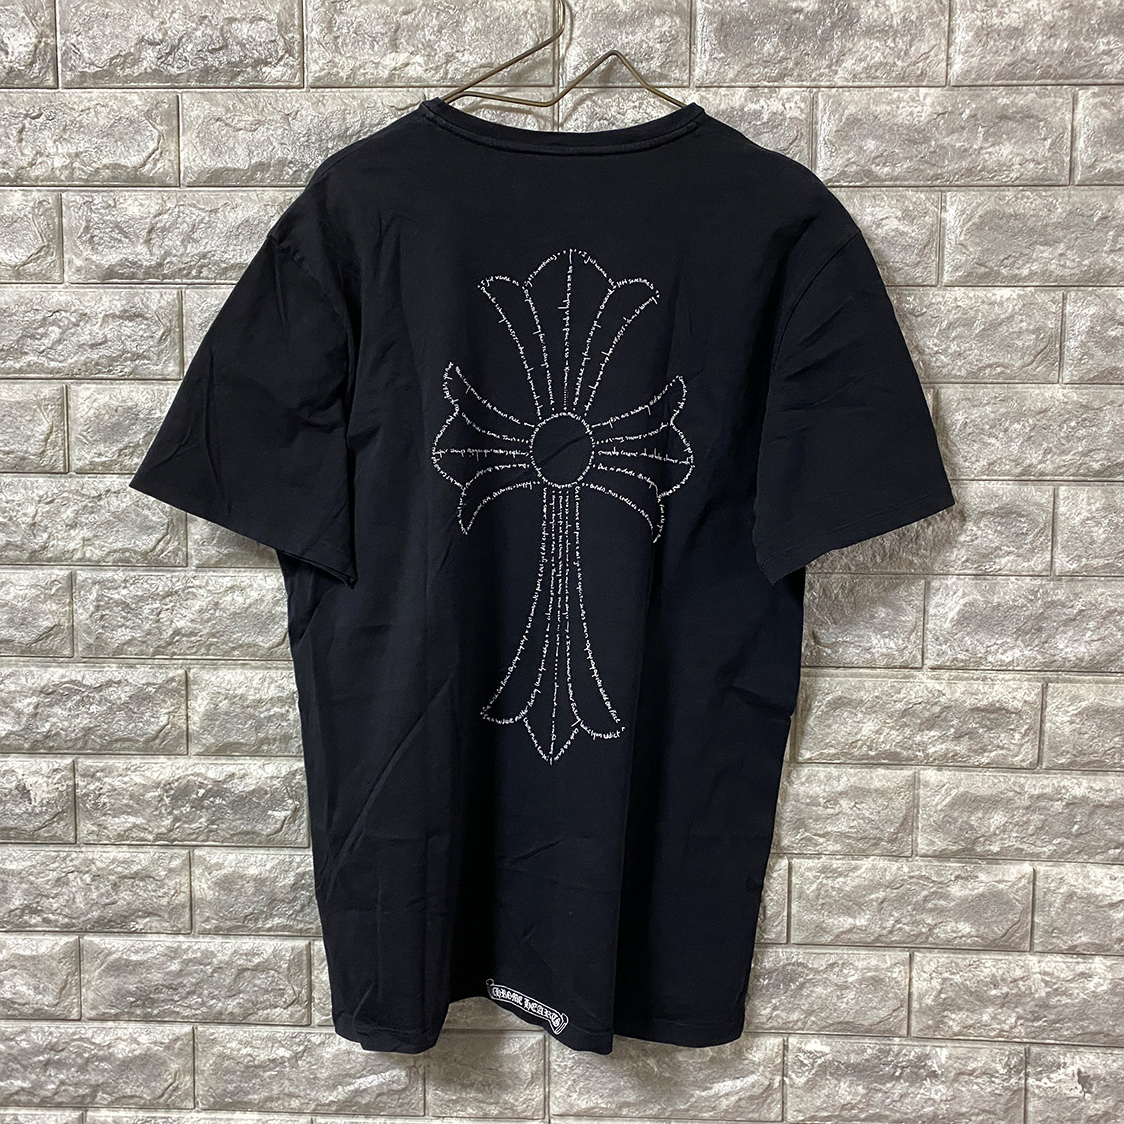 クロムハーツ CHROMEHEARTS【Lサイズ】 スペルクロス バックプリント Tシャツ カ ットソー ブラック